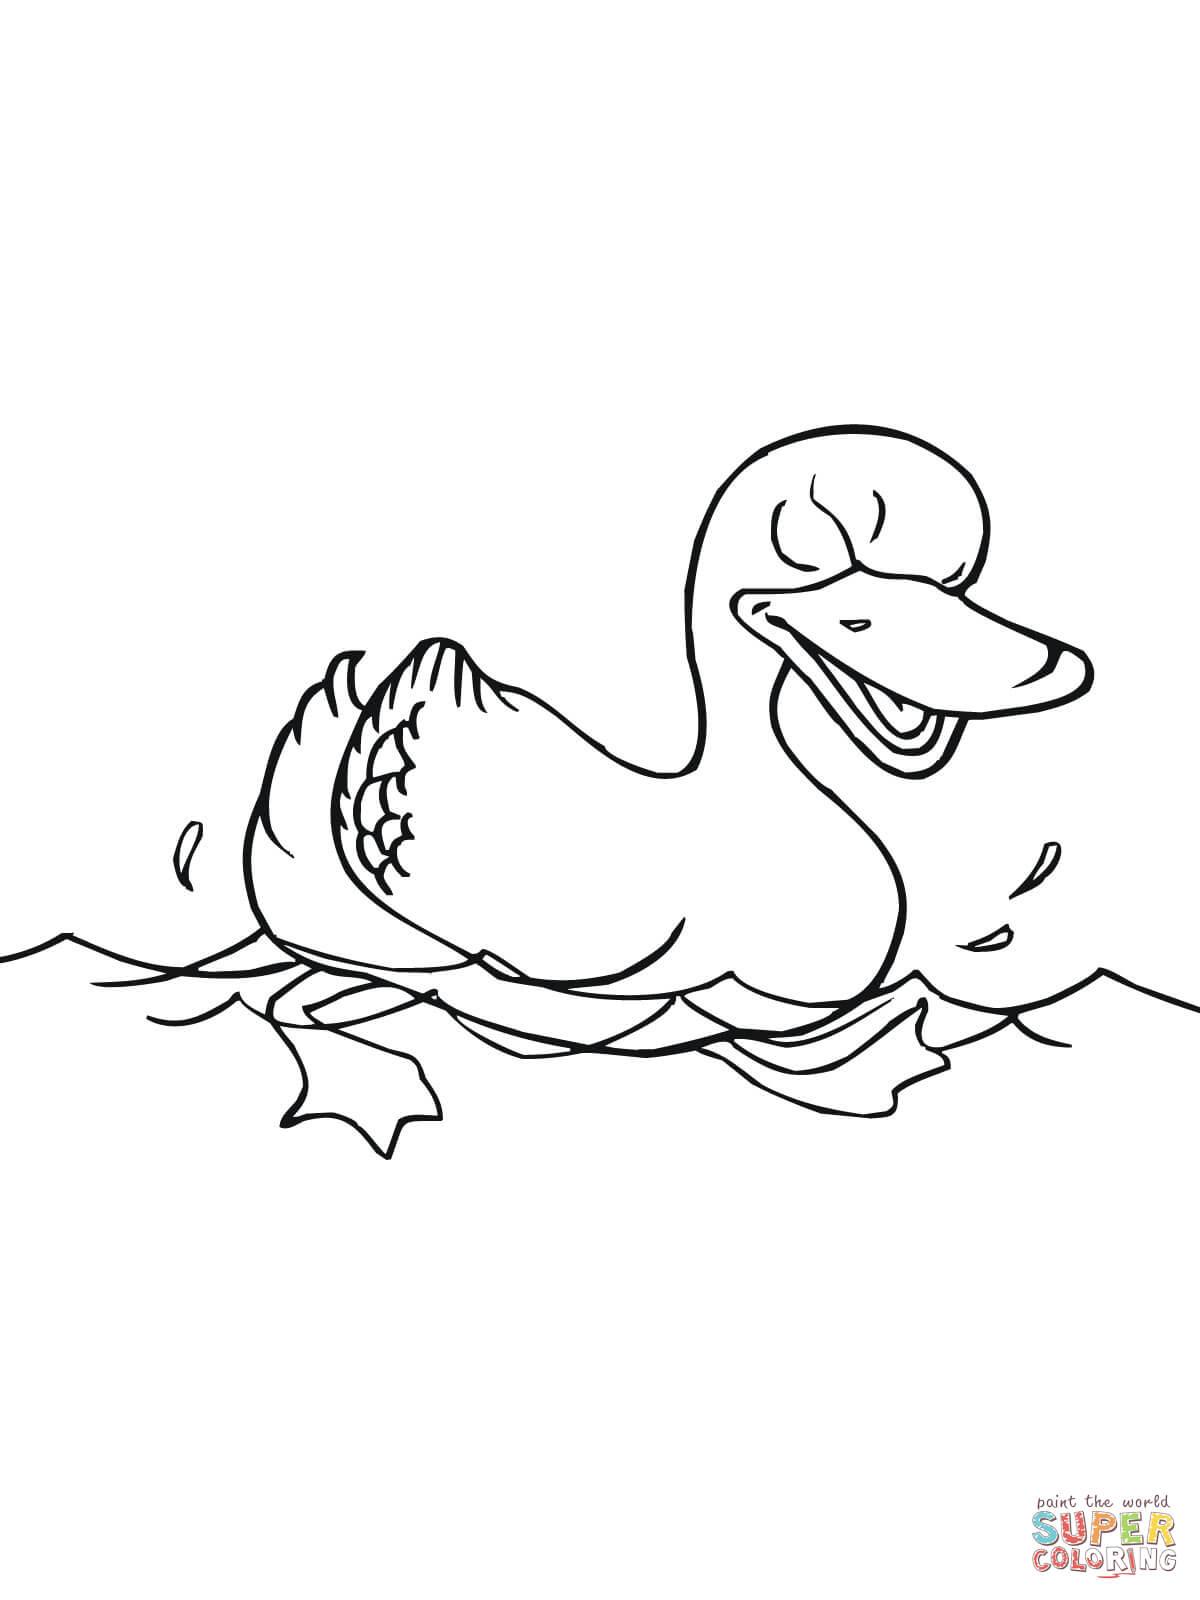 69 Dessins De Coloriage Canards À Imprimer Sur Laguerche concernant Coloriage Canard A Imprimer